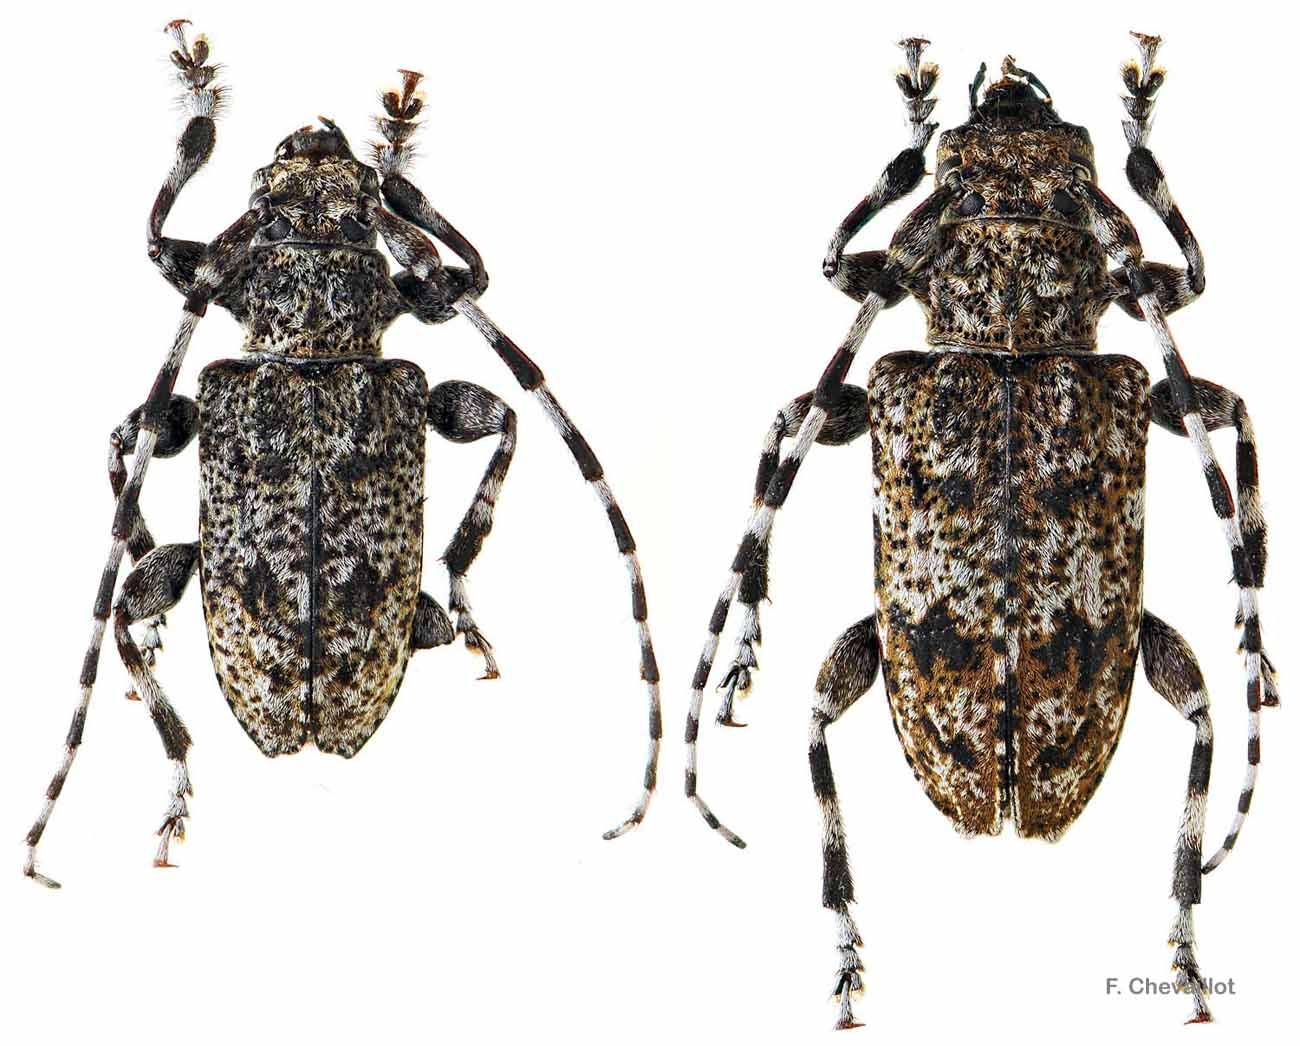 Aegomorphus clavipes